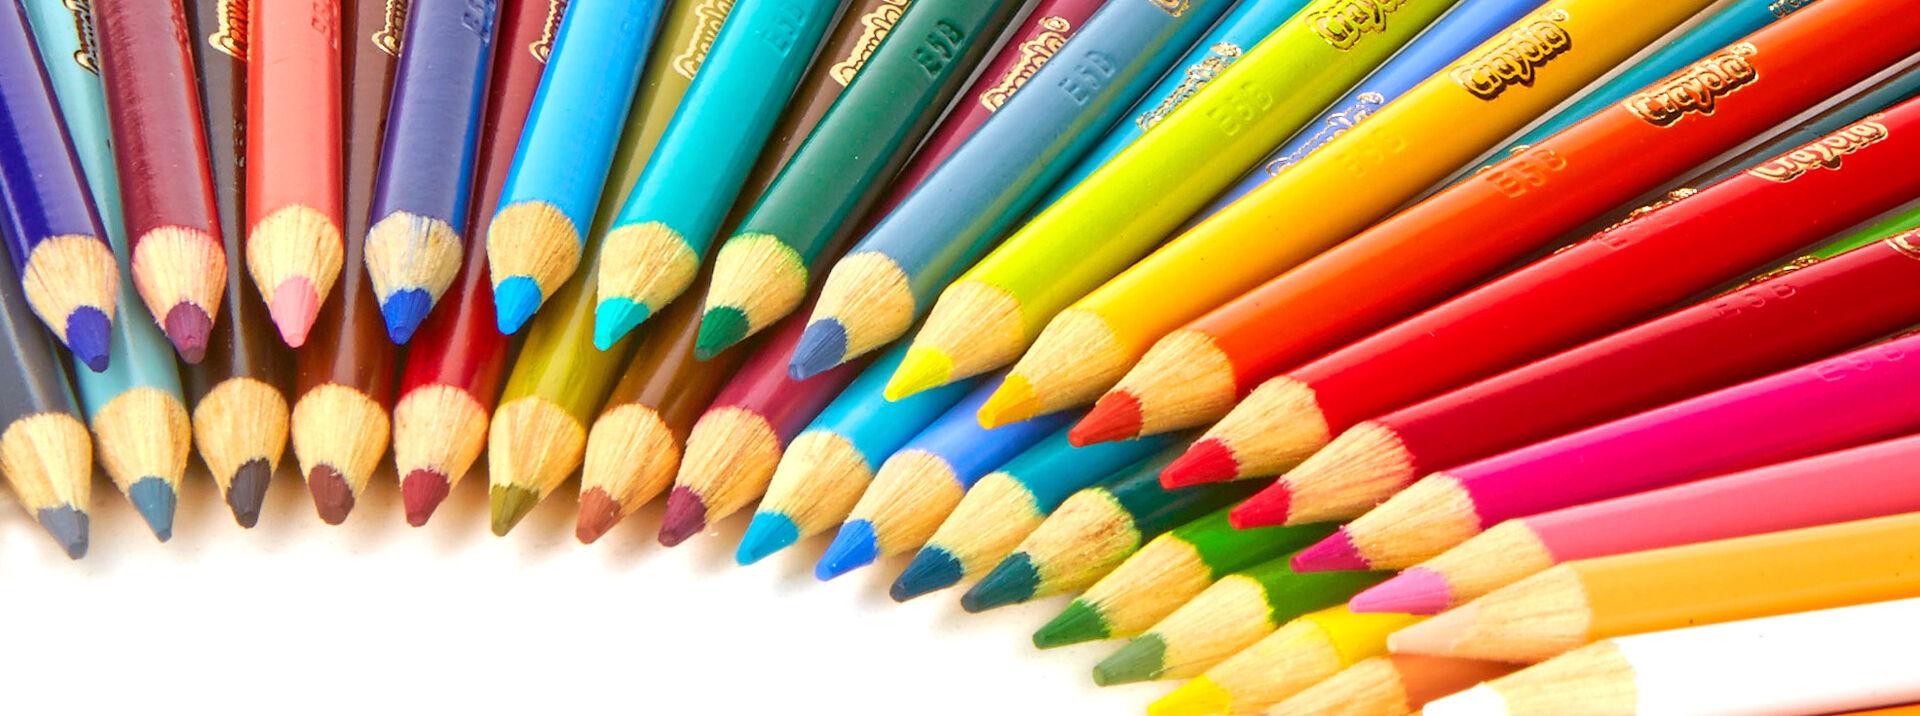 Crayola Colored Pencils - Shop Colored Pencils | Crayola | Crayola ...